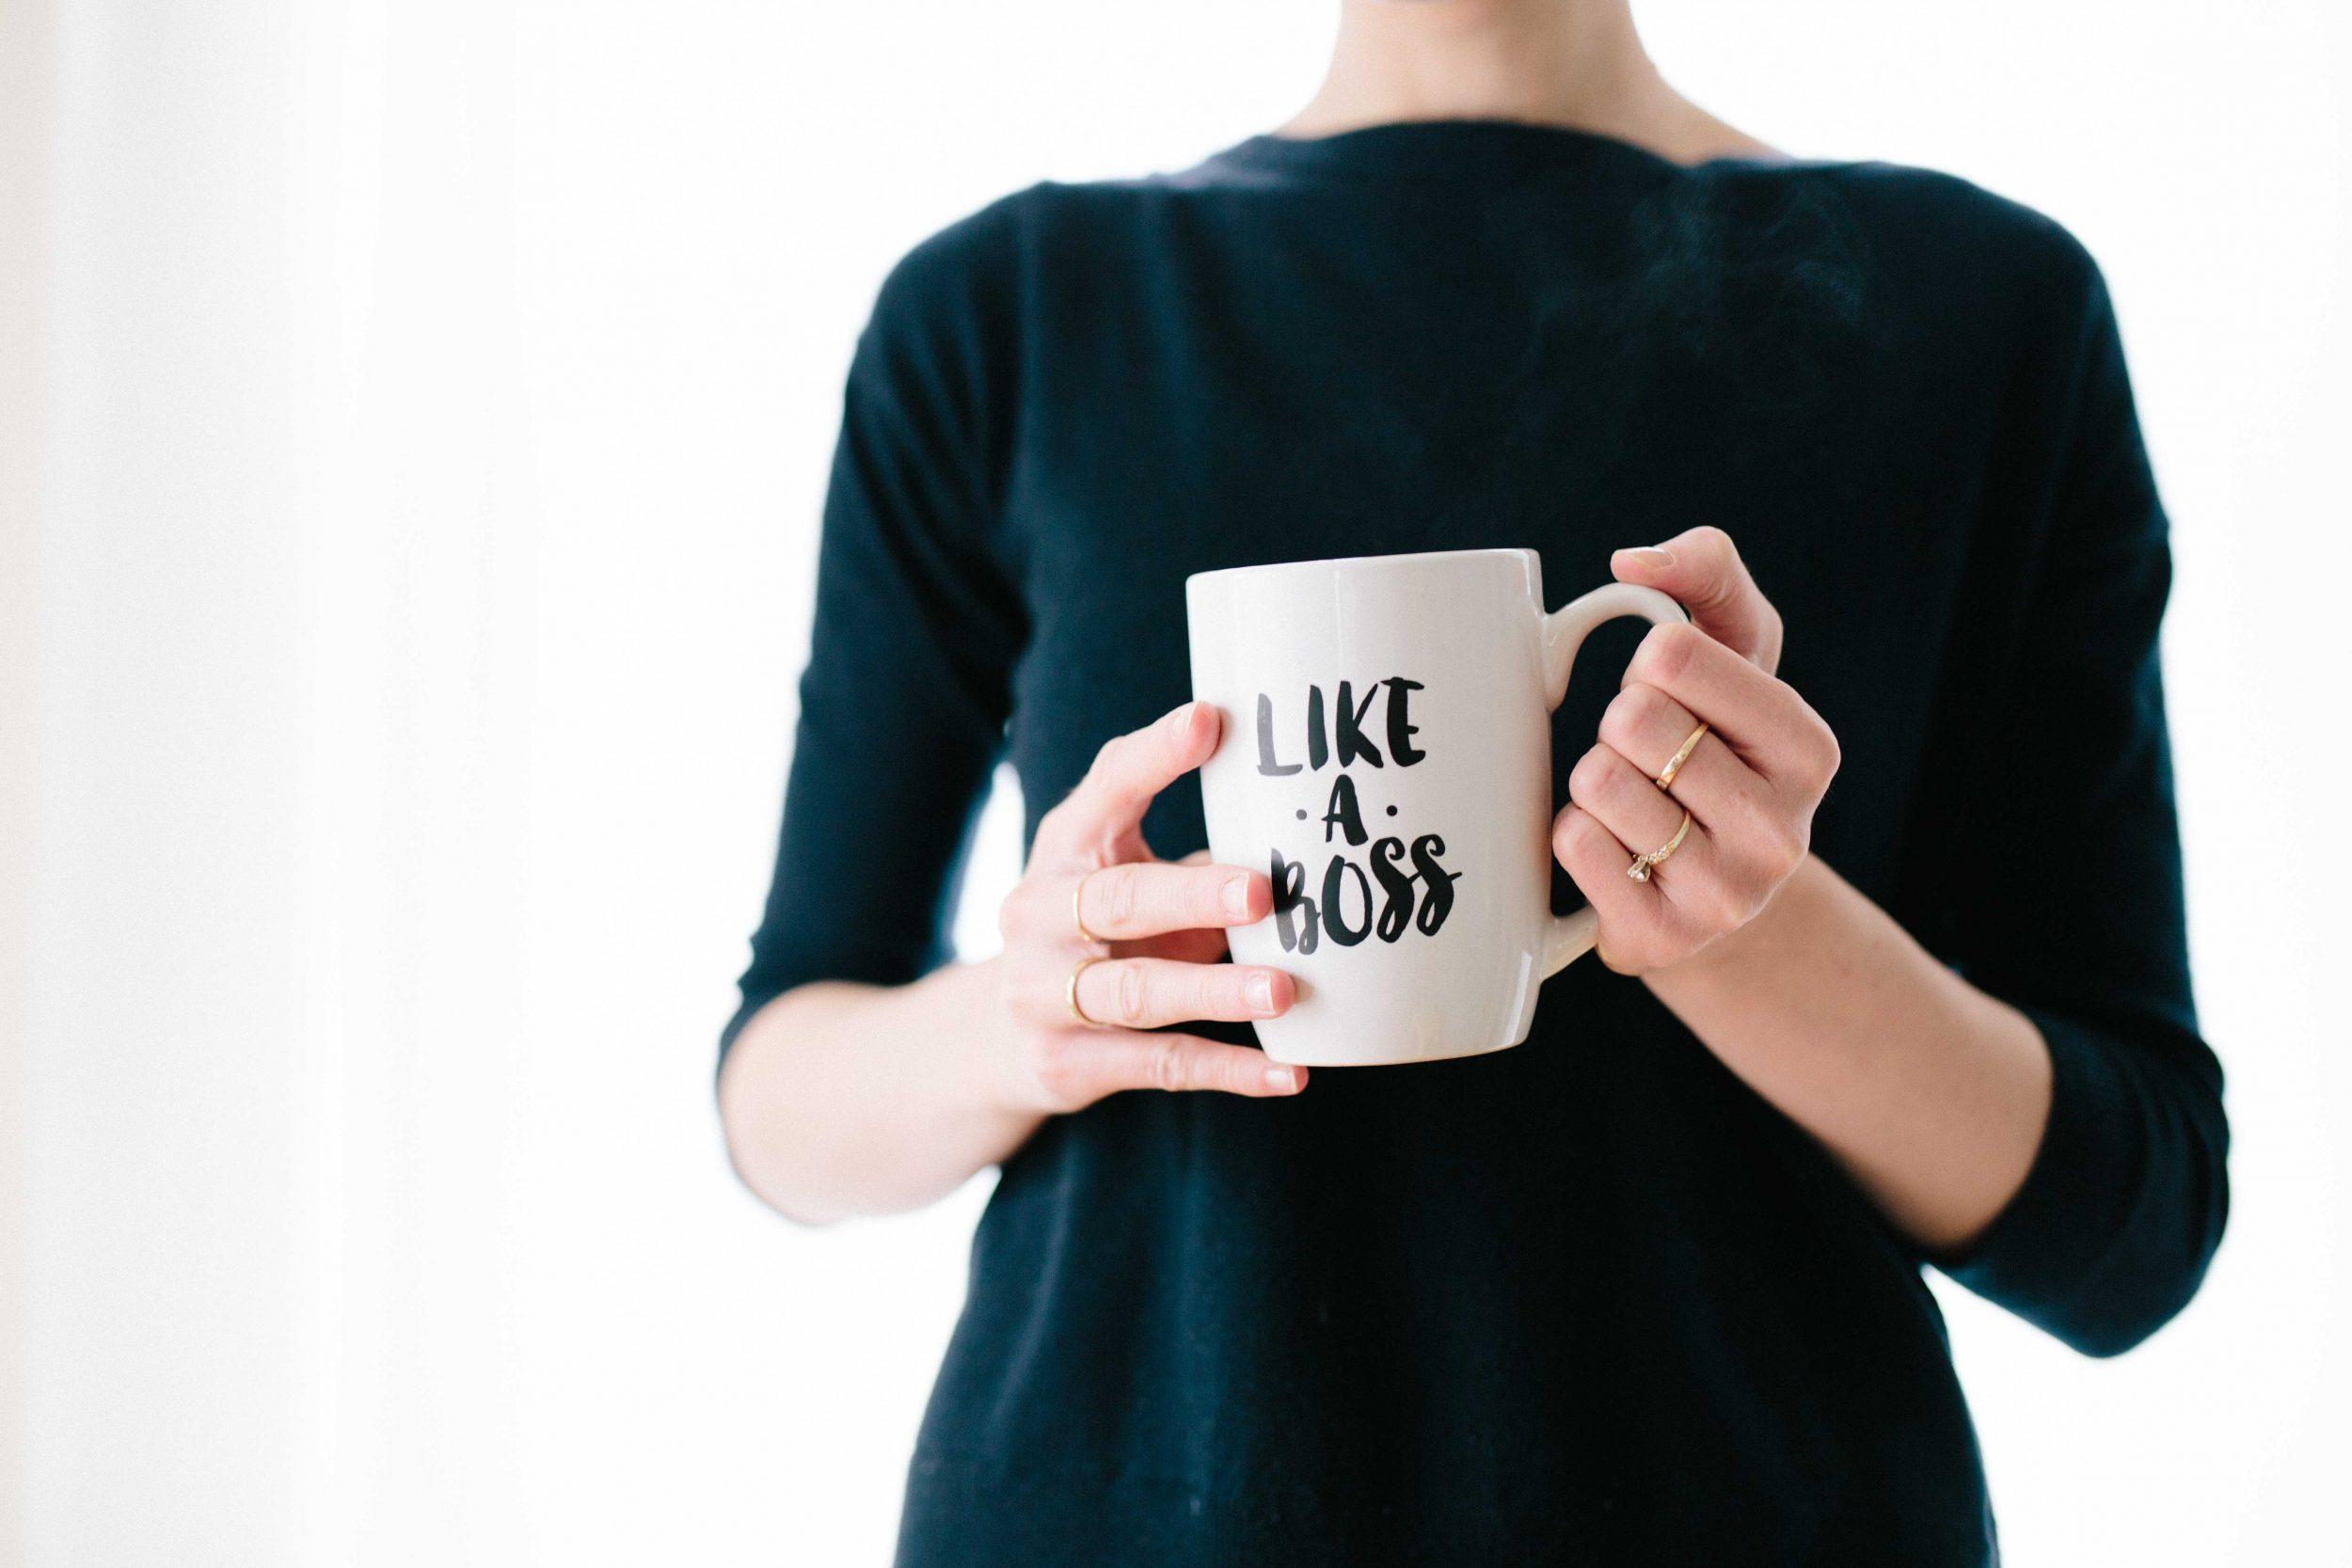 Woman with Boss coffee mug